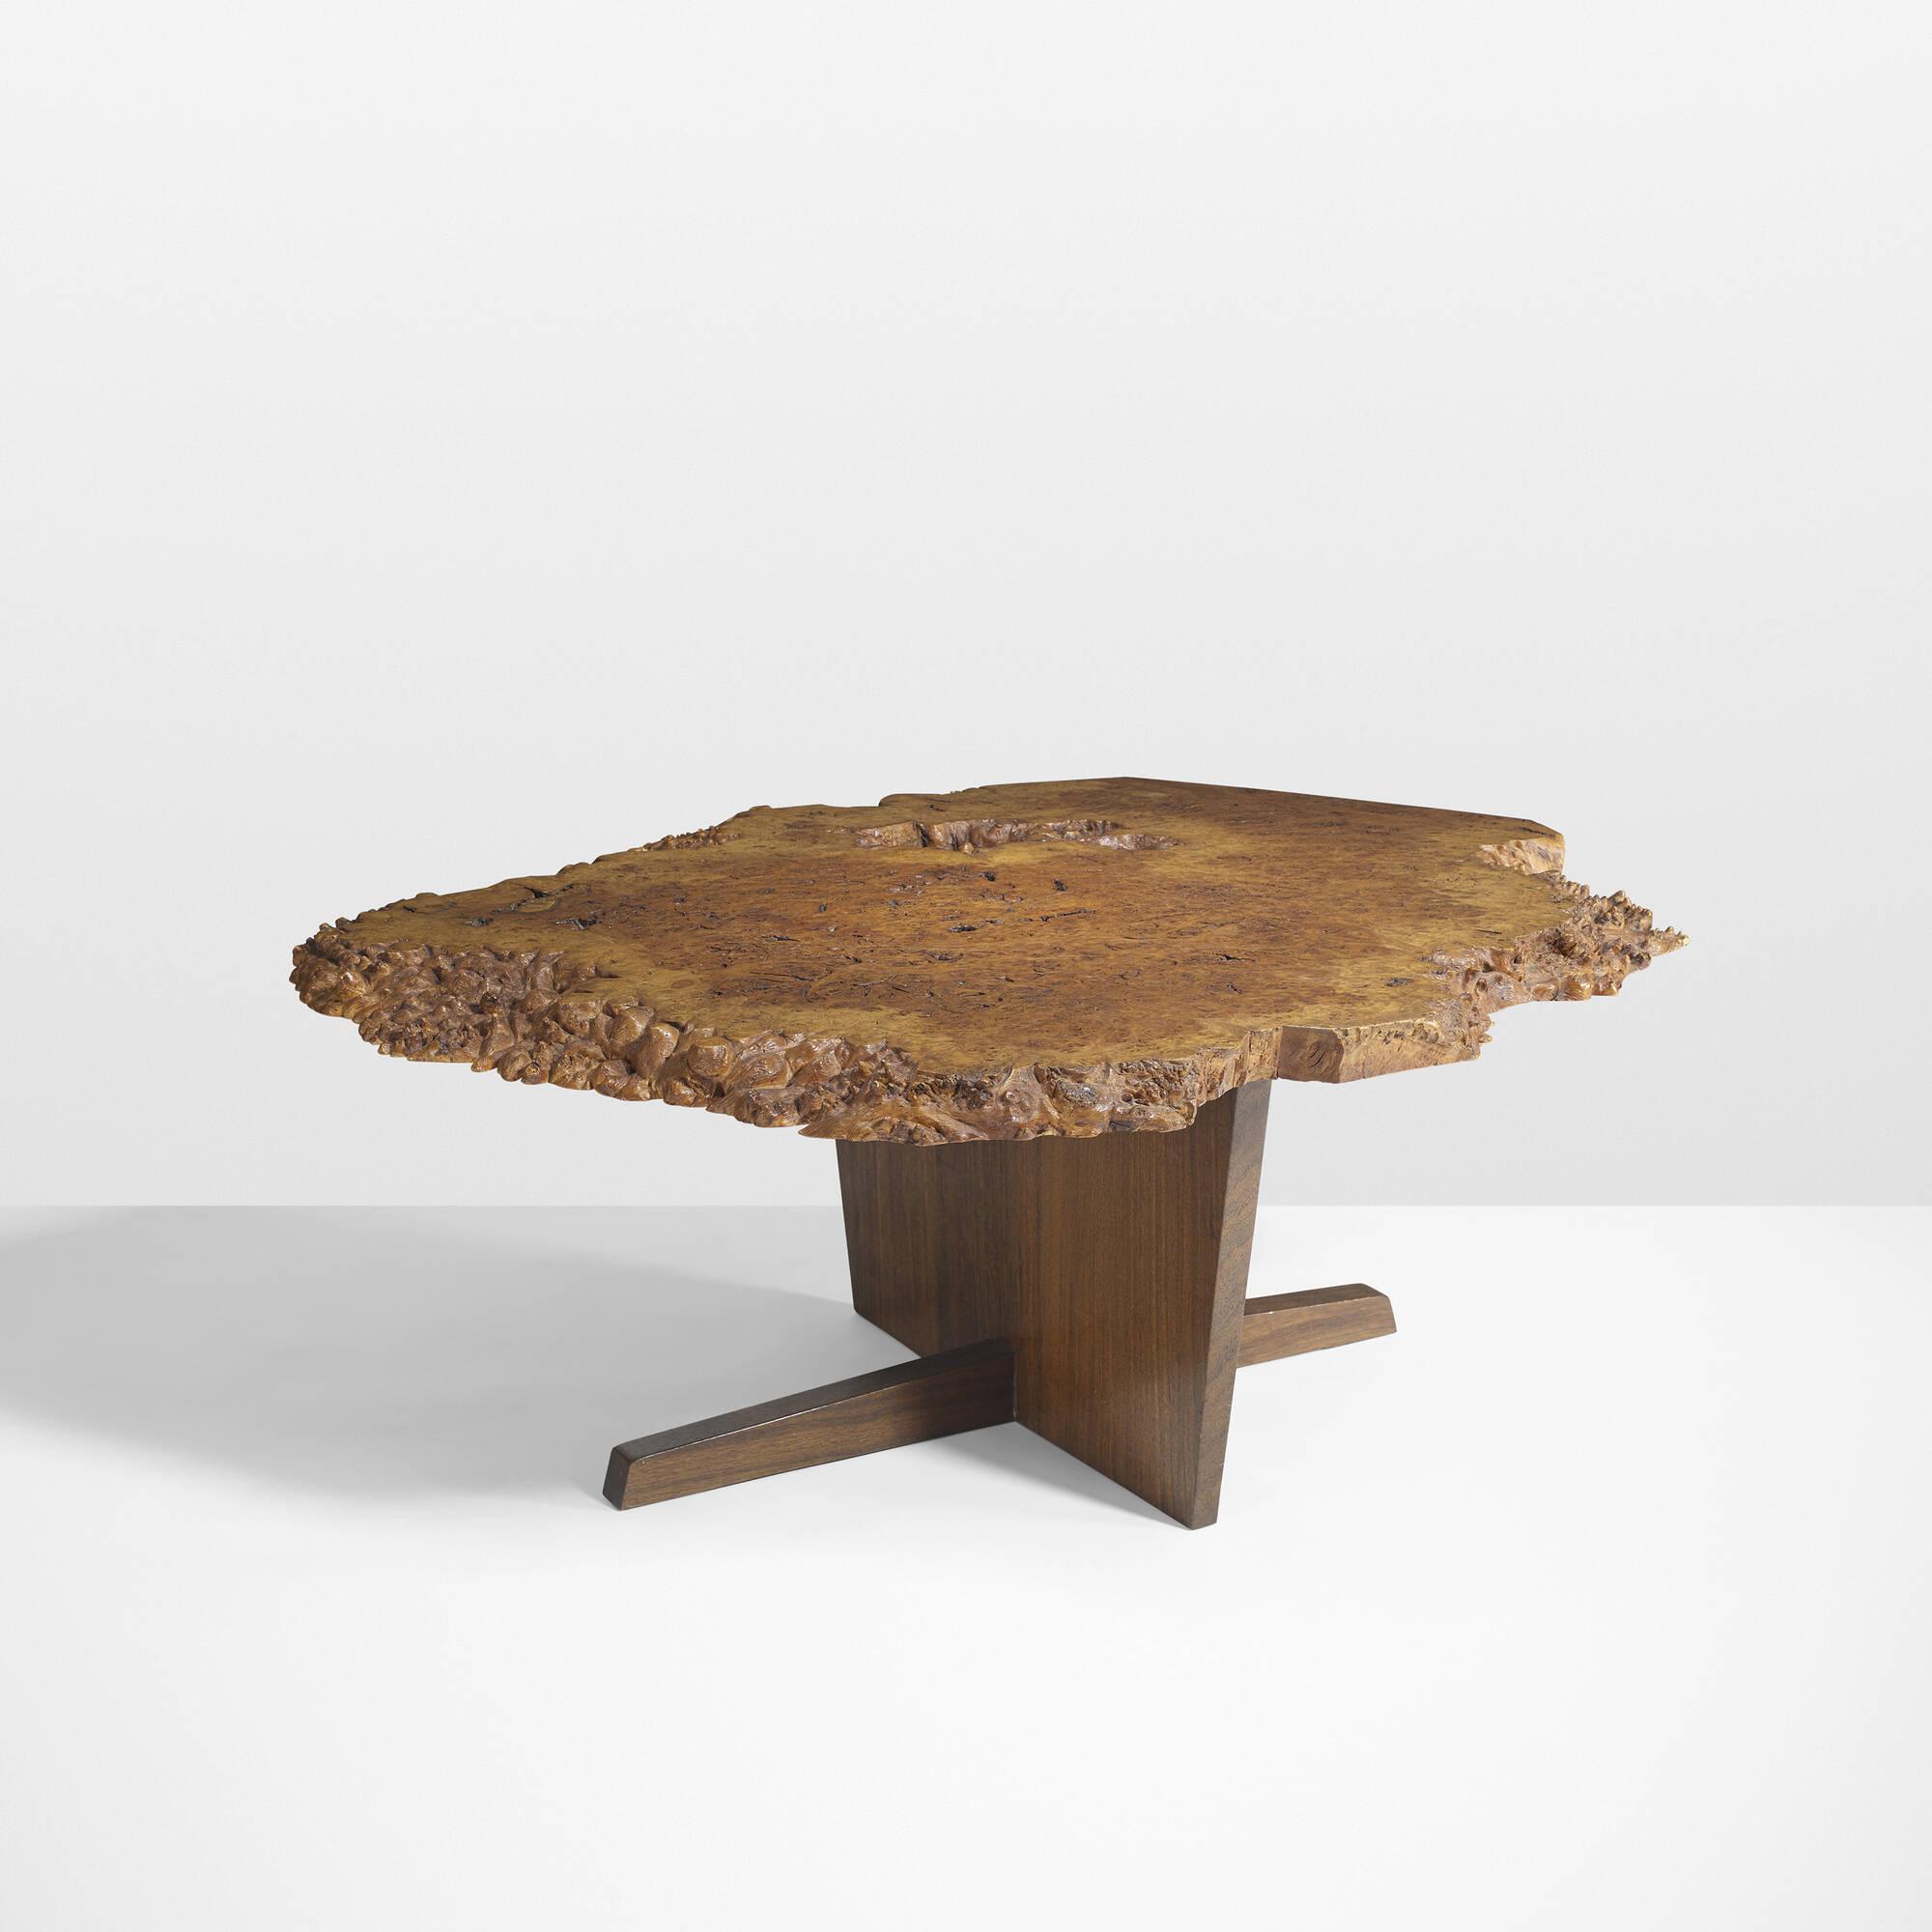 4 George Nakashima Important Minguren I coffee table Design